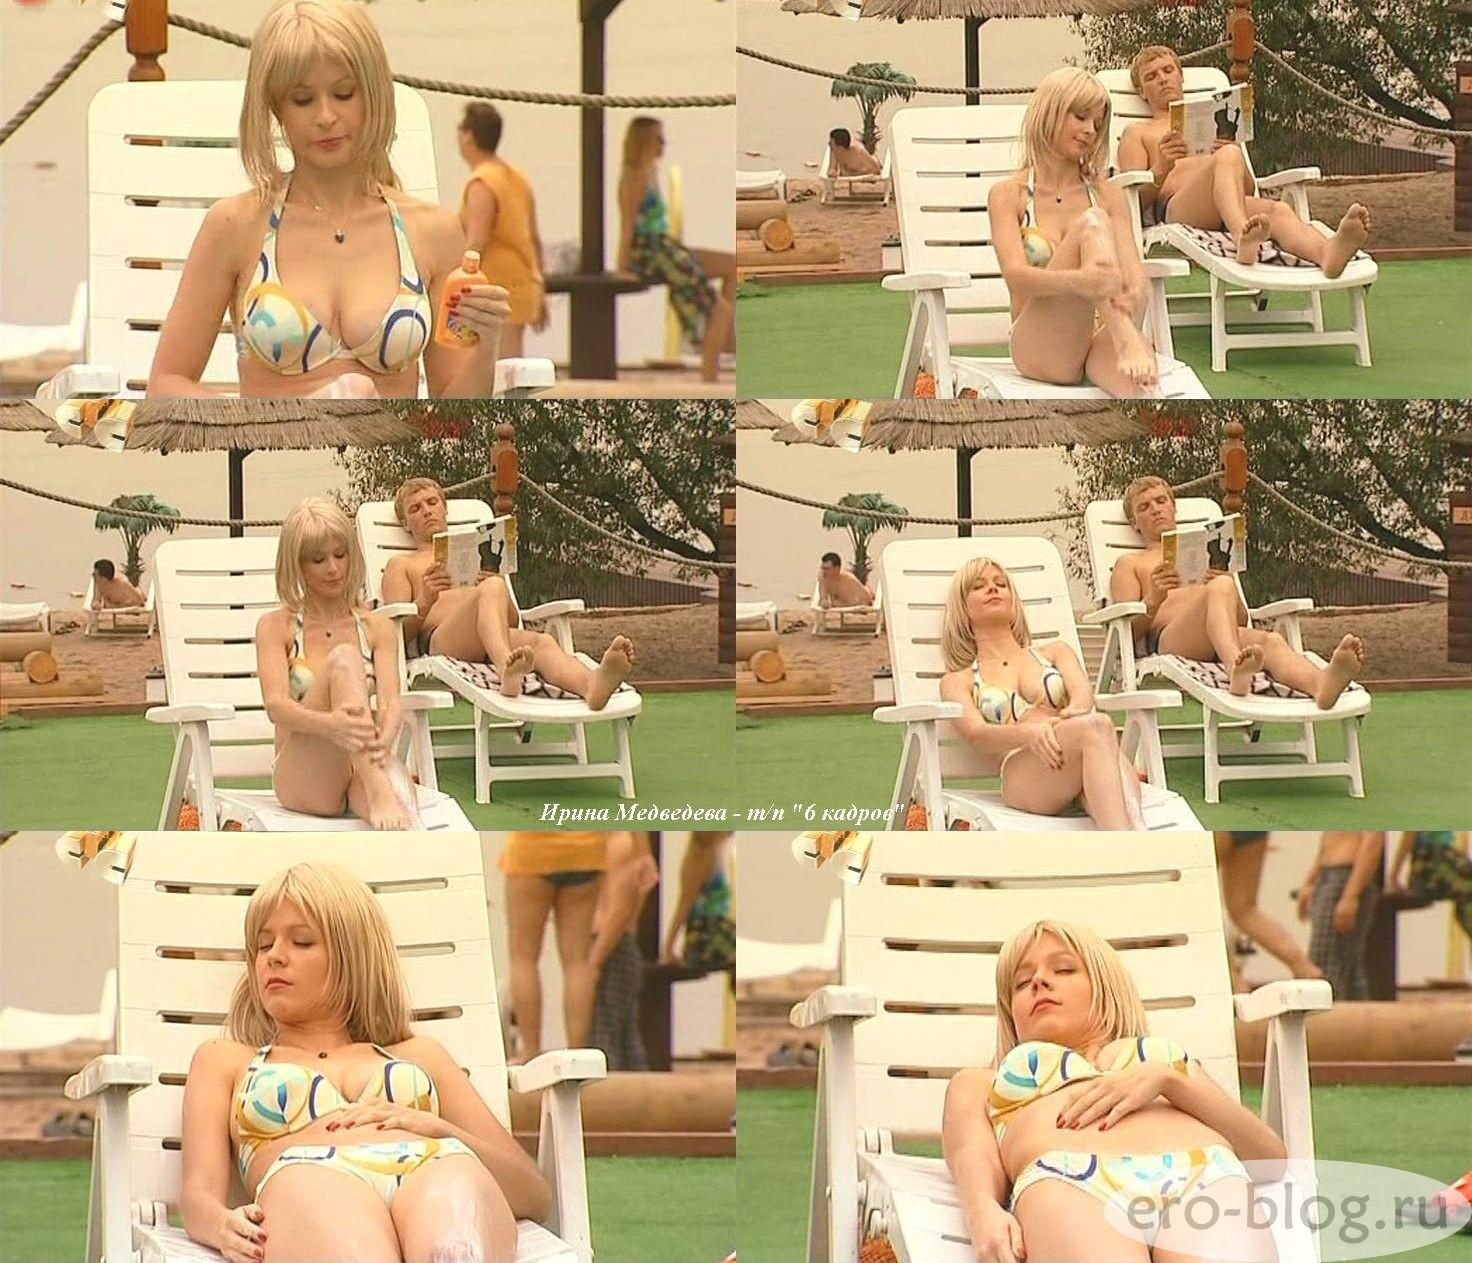 Голая обнаженная Ирина Медведева интимные фото звезды